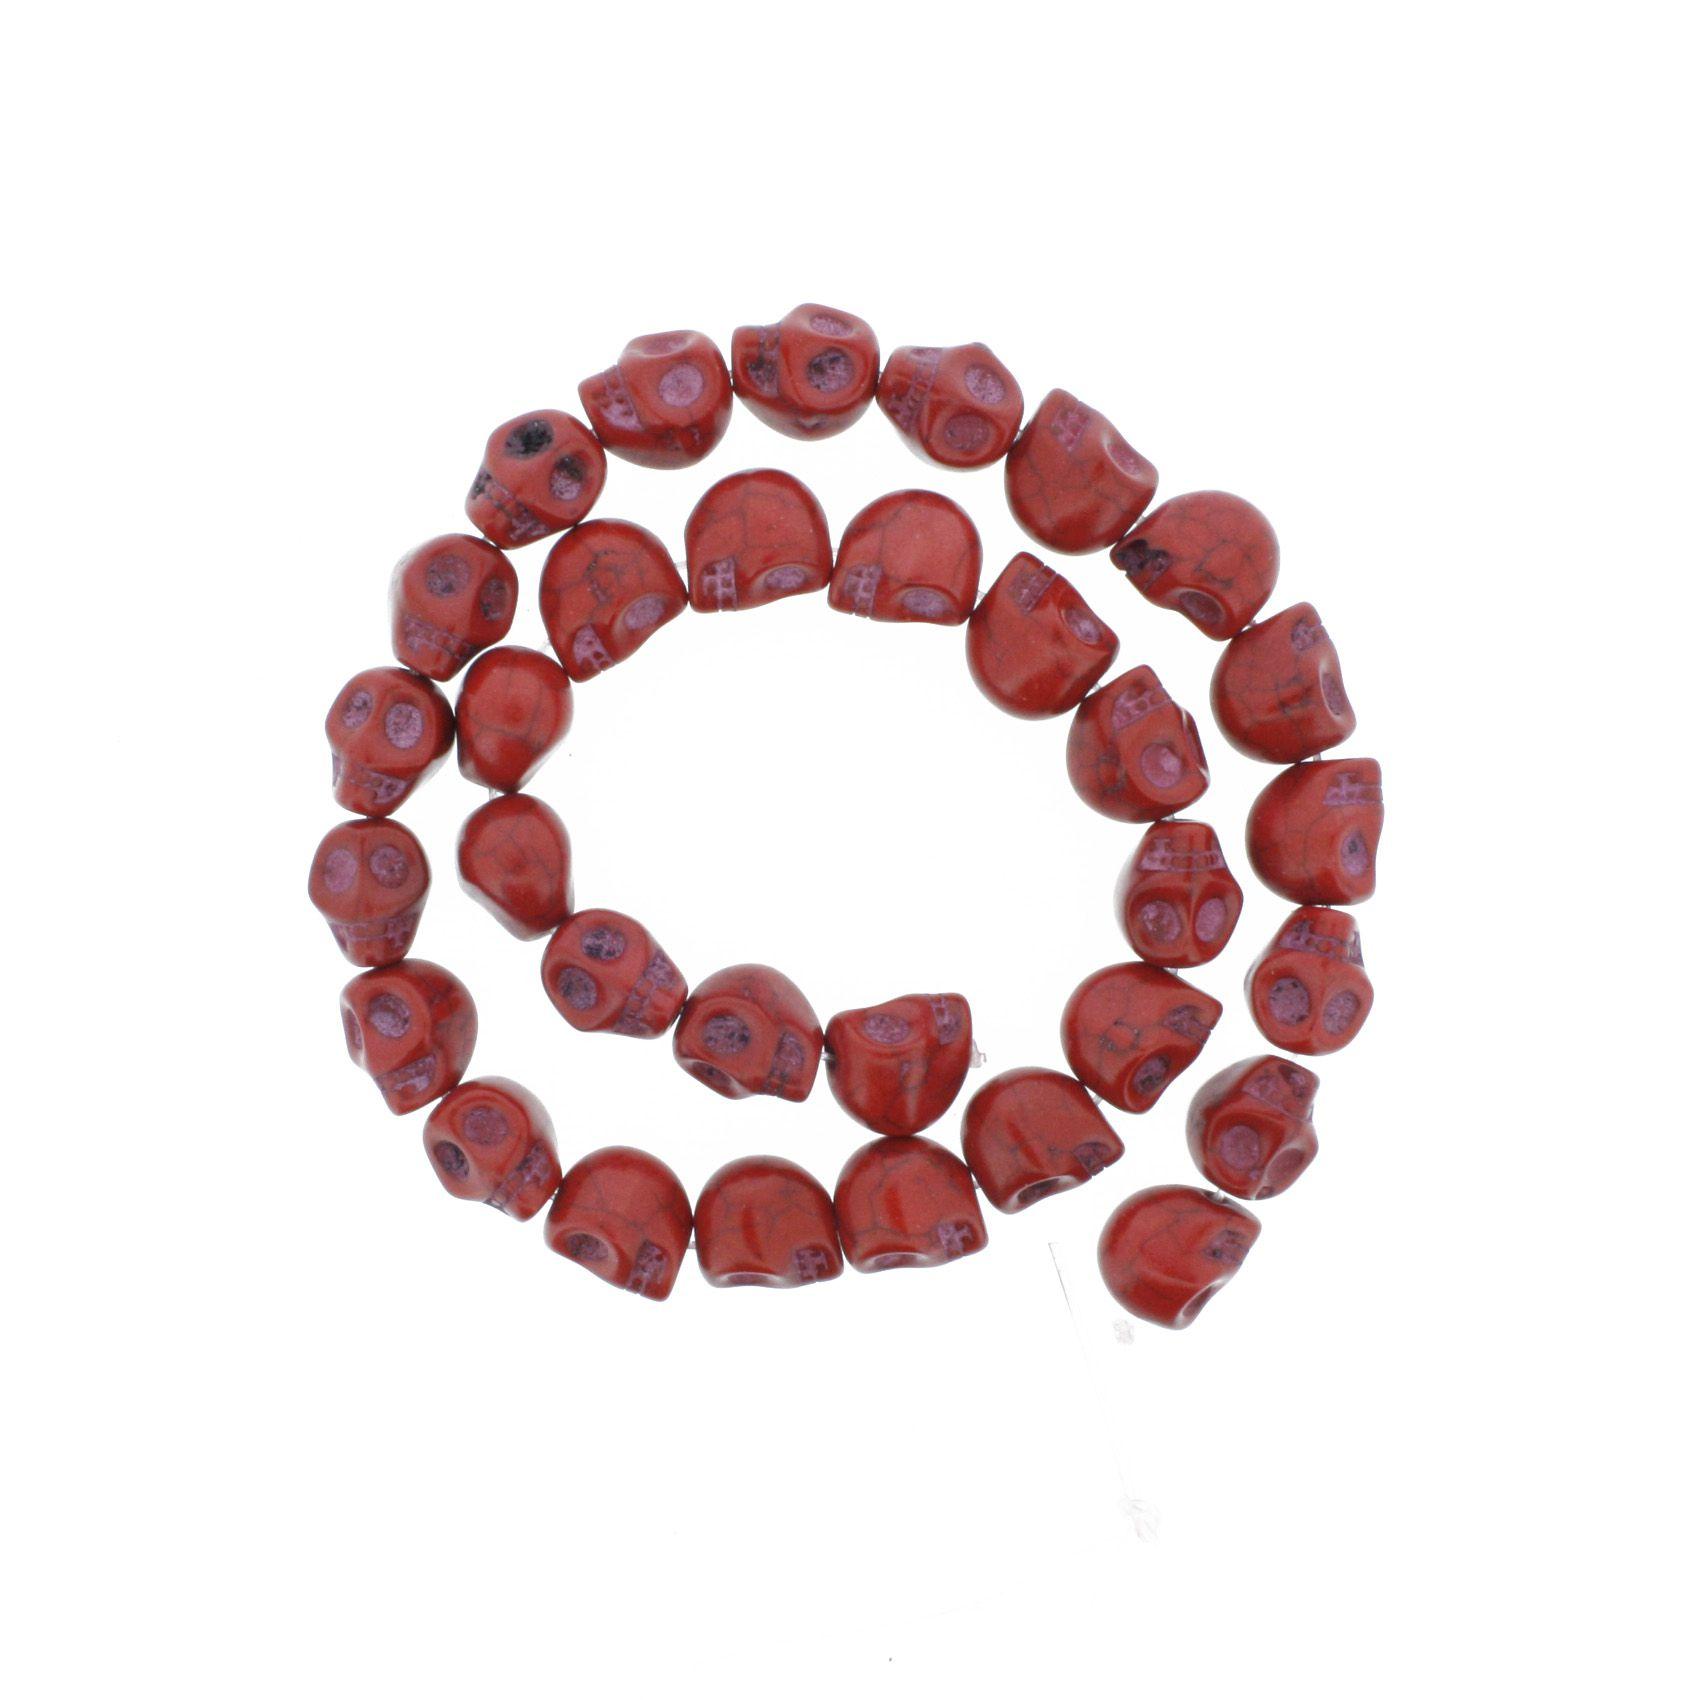 Fio de Caveira de Pedra - Vermelha - Pequena - 12x10mm  - Stéphanie Bijoux® - Peças para Bijuterias e Artesanato